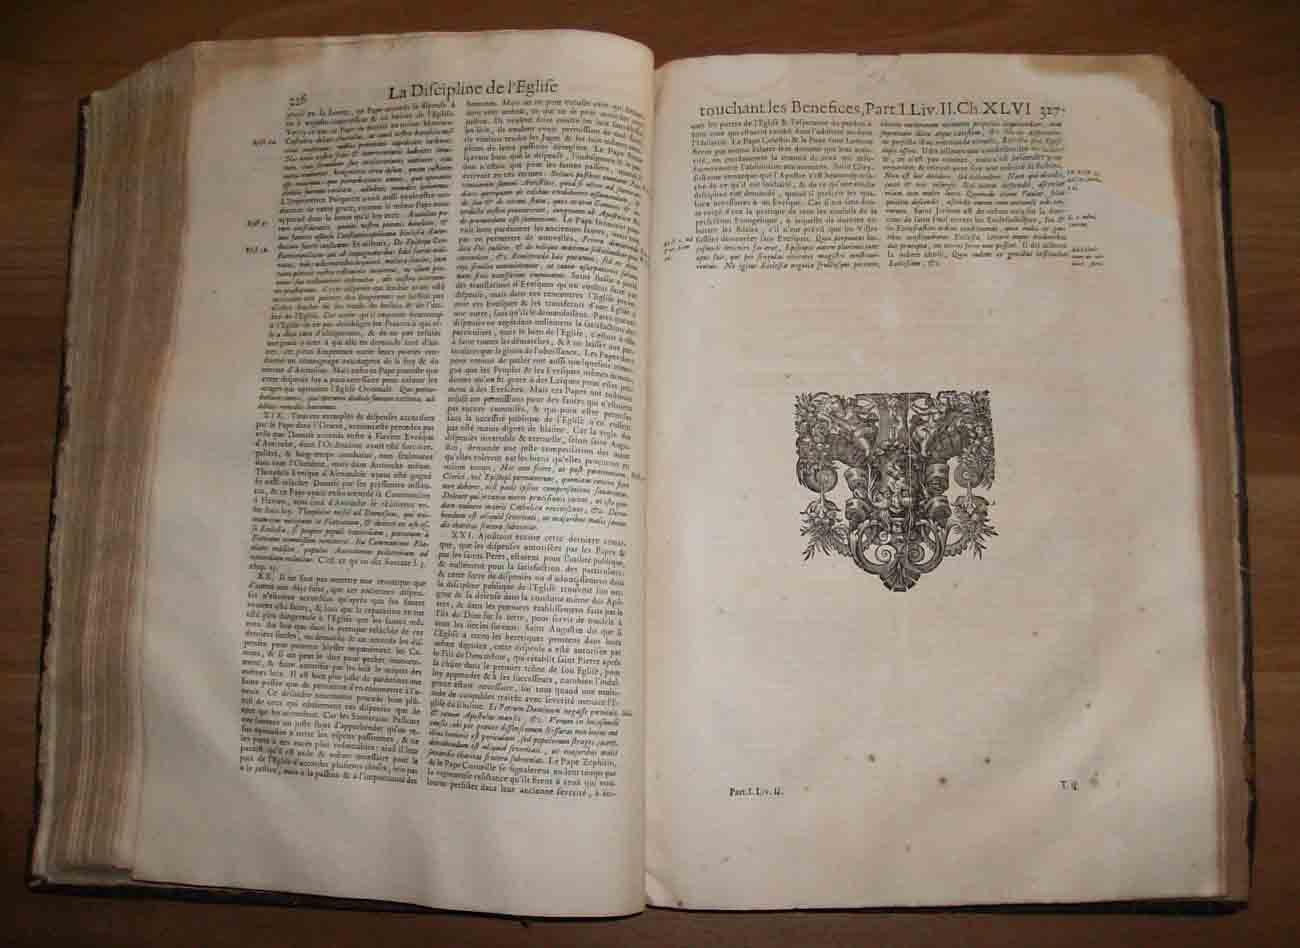 [1679-1682+Ancienne+et+Nouvelle+Discipline+de+L`Englise-Thomassin+054.jpg]